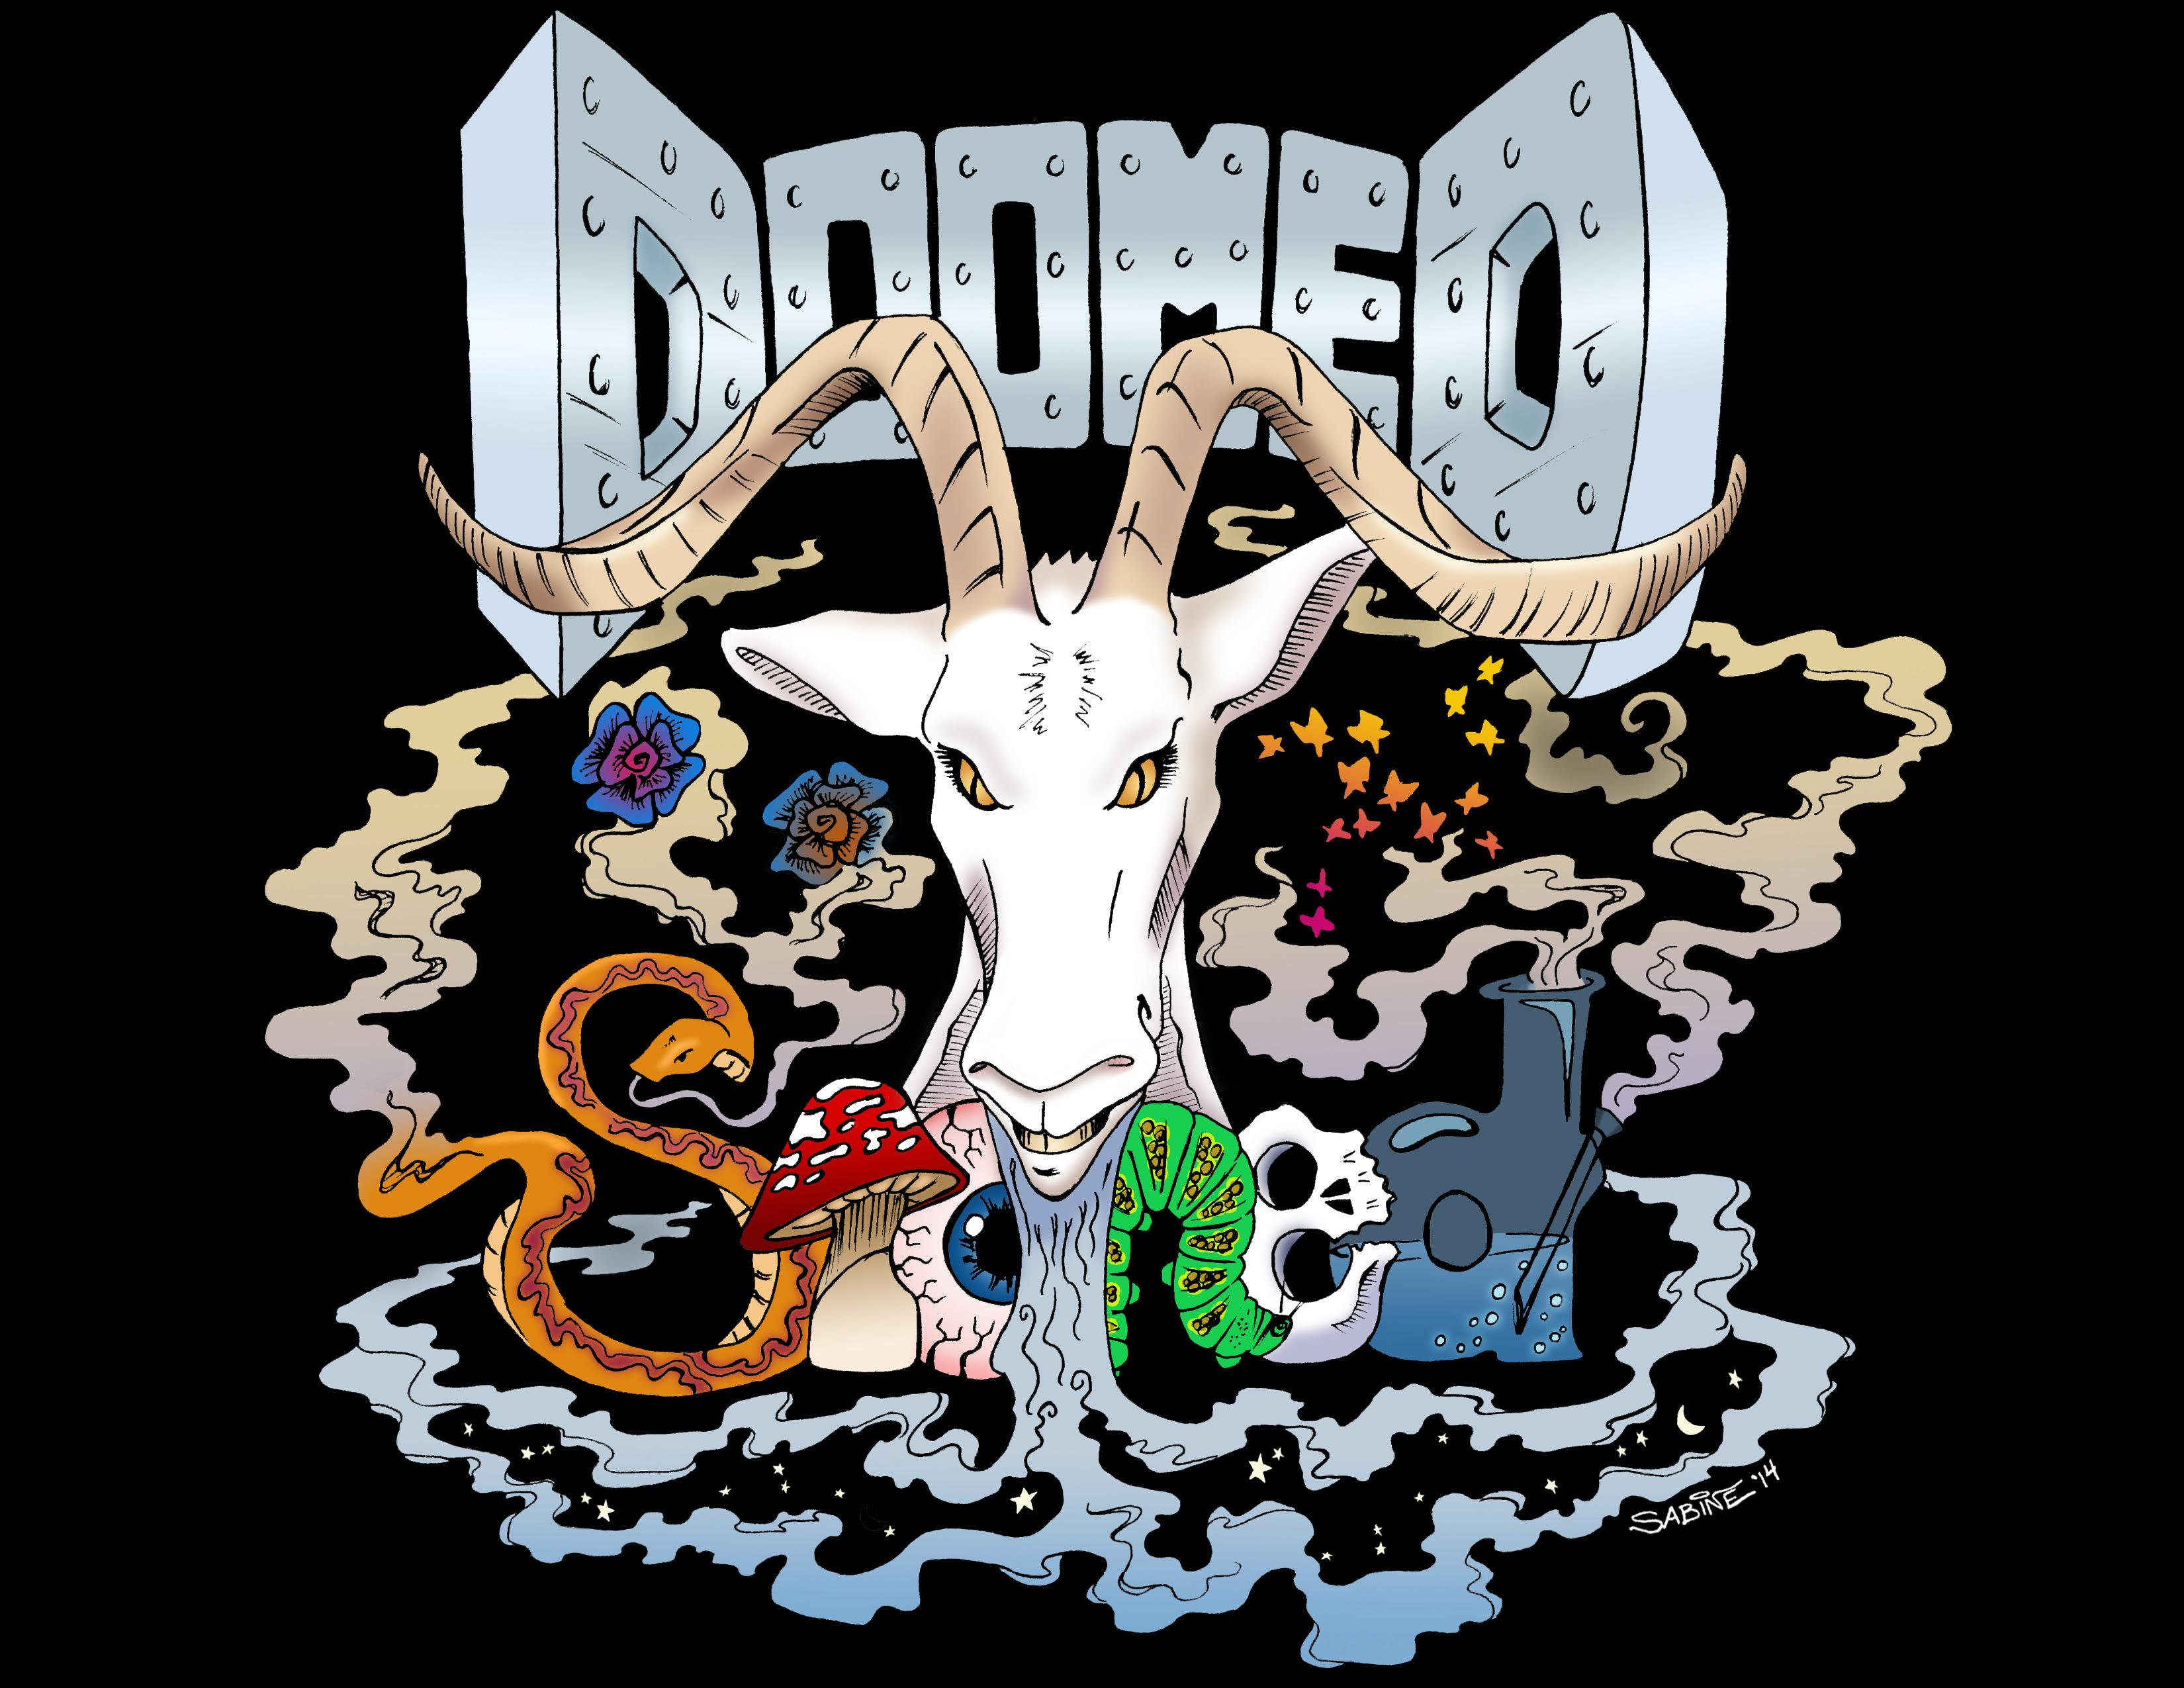 Doomed & Stoned